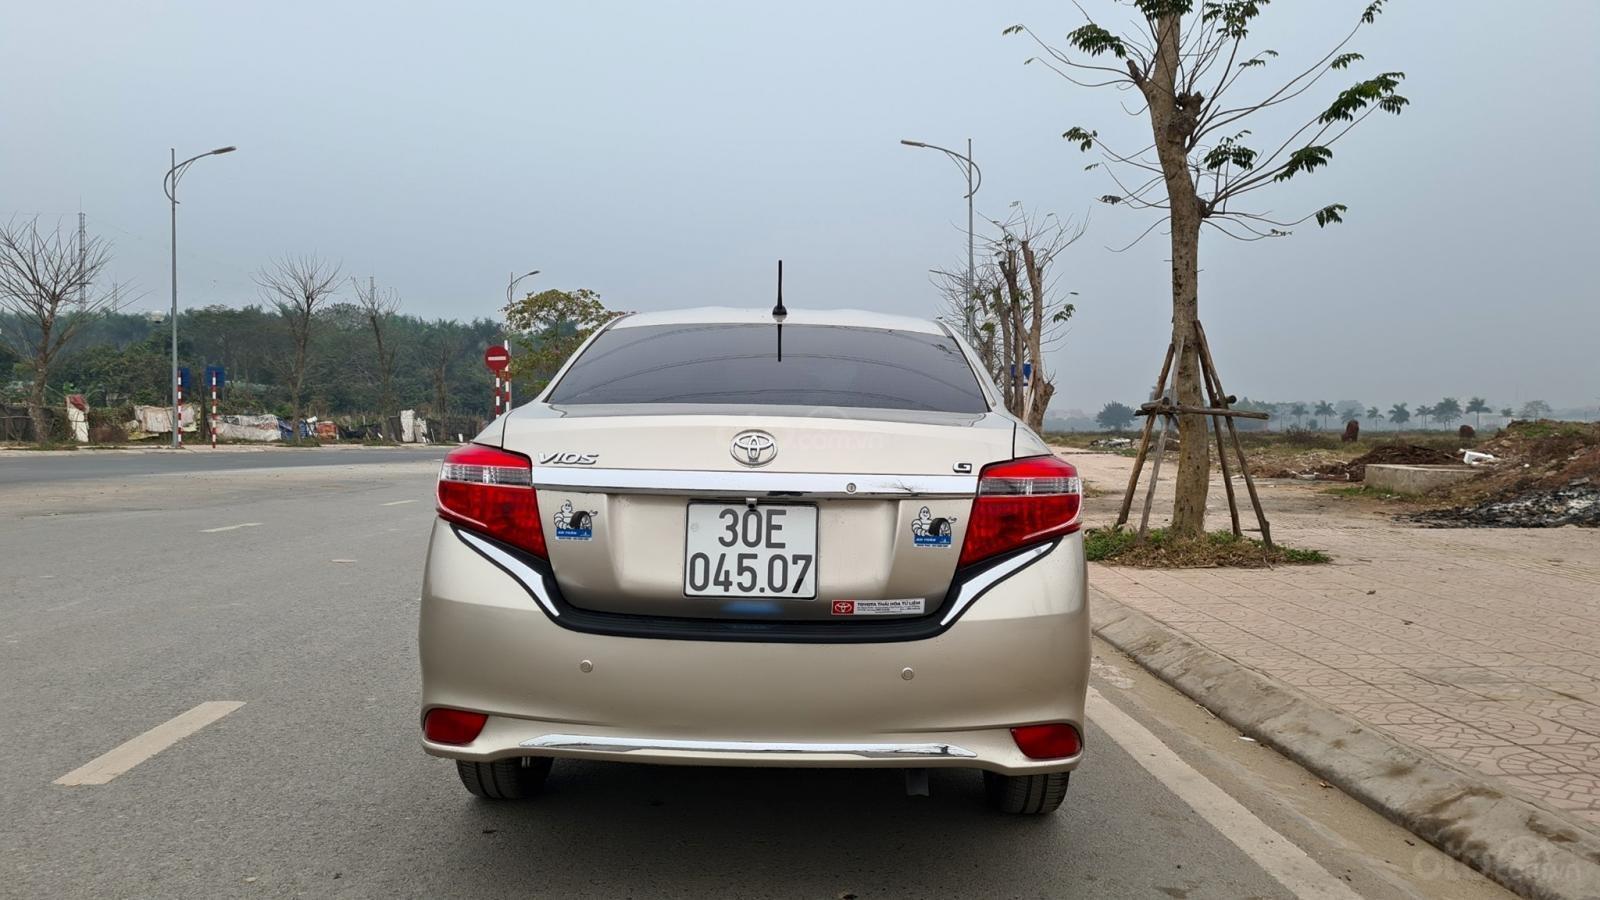 Bán xe giá ưu đãi chiếc Toyota Vios 1.5G đời 2016 (2)